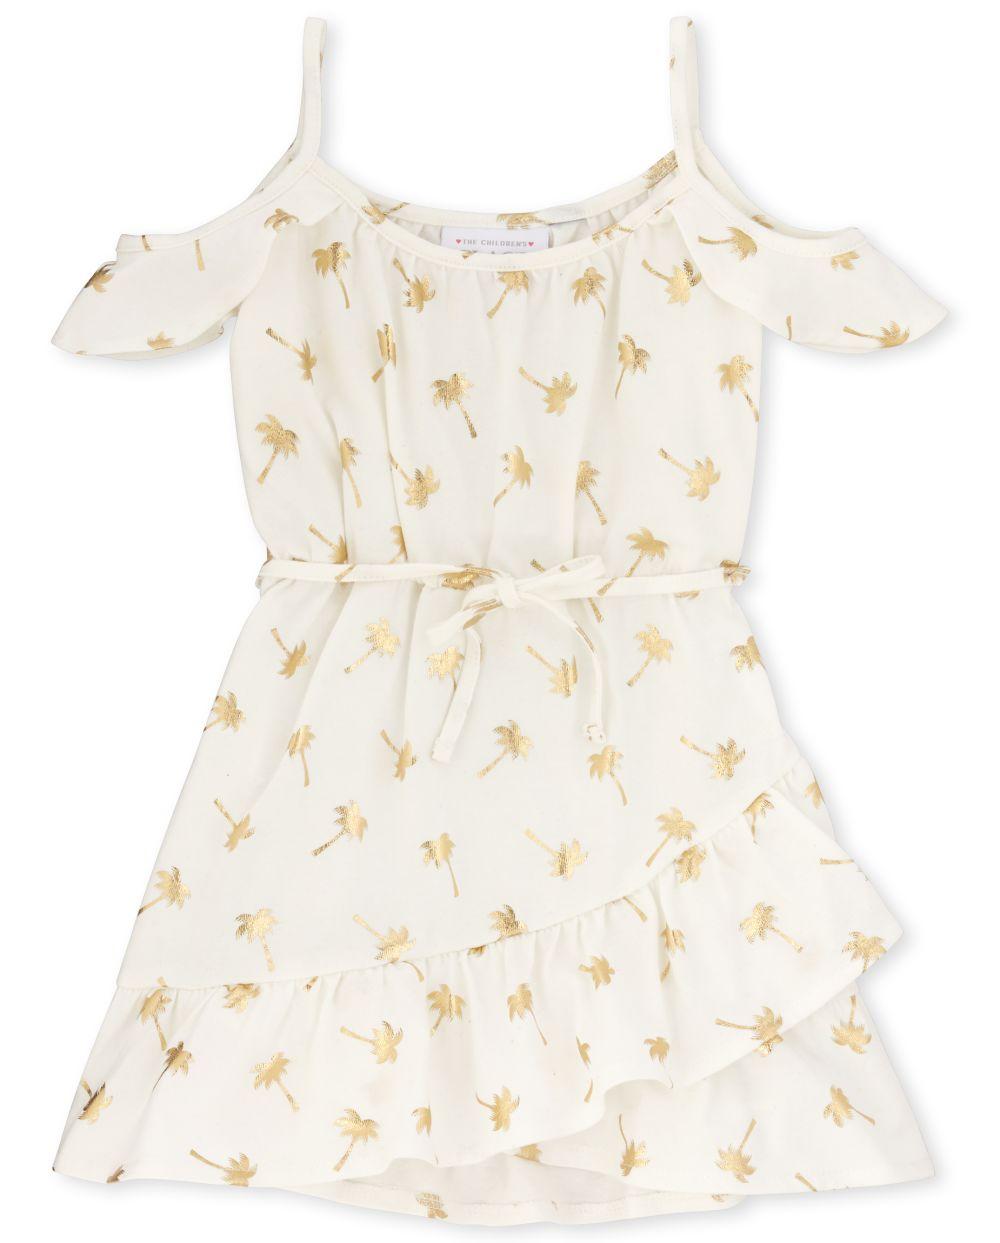 Vestido de hombro frío con estampado de palmeras y láminas para bebés niñas